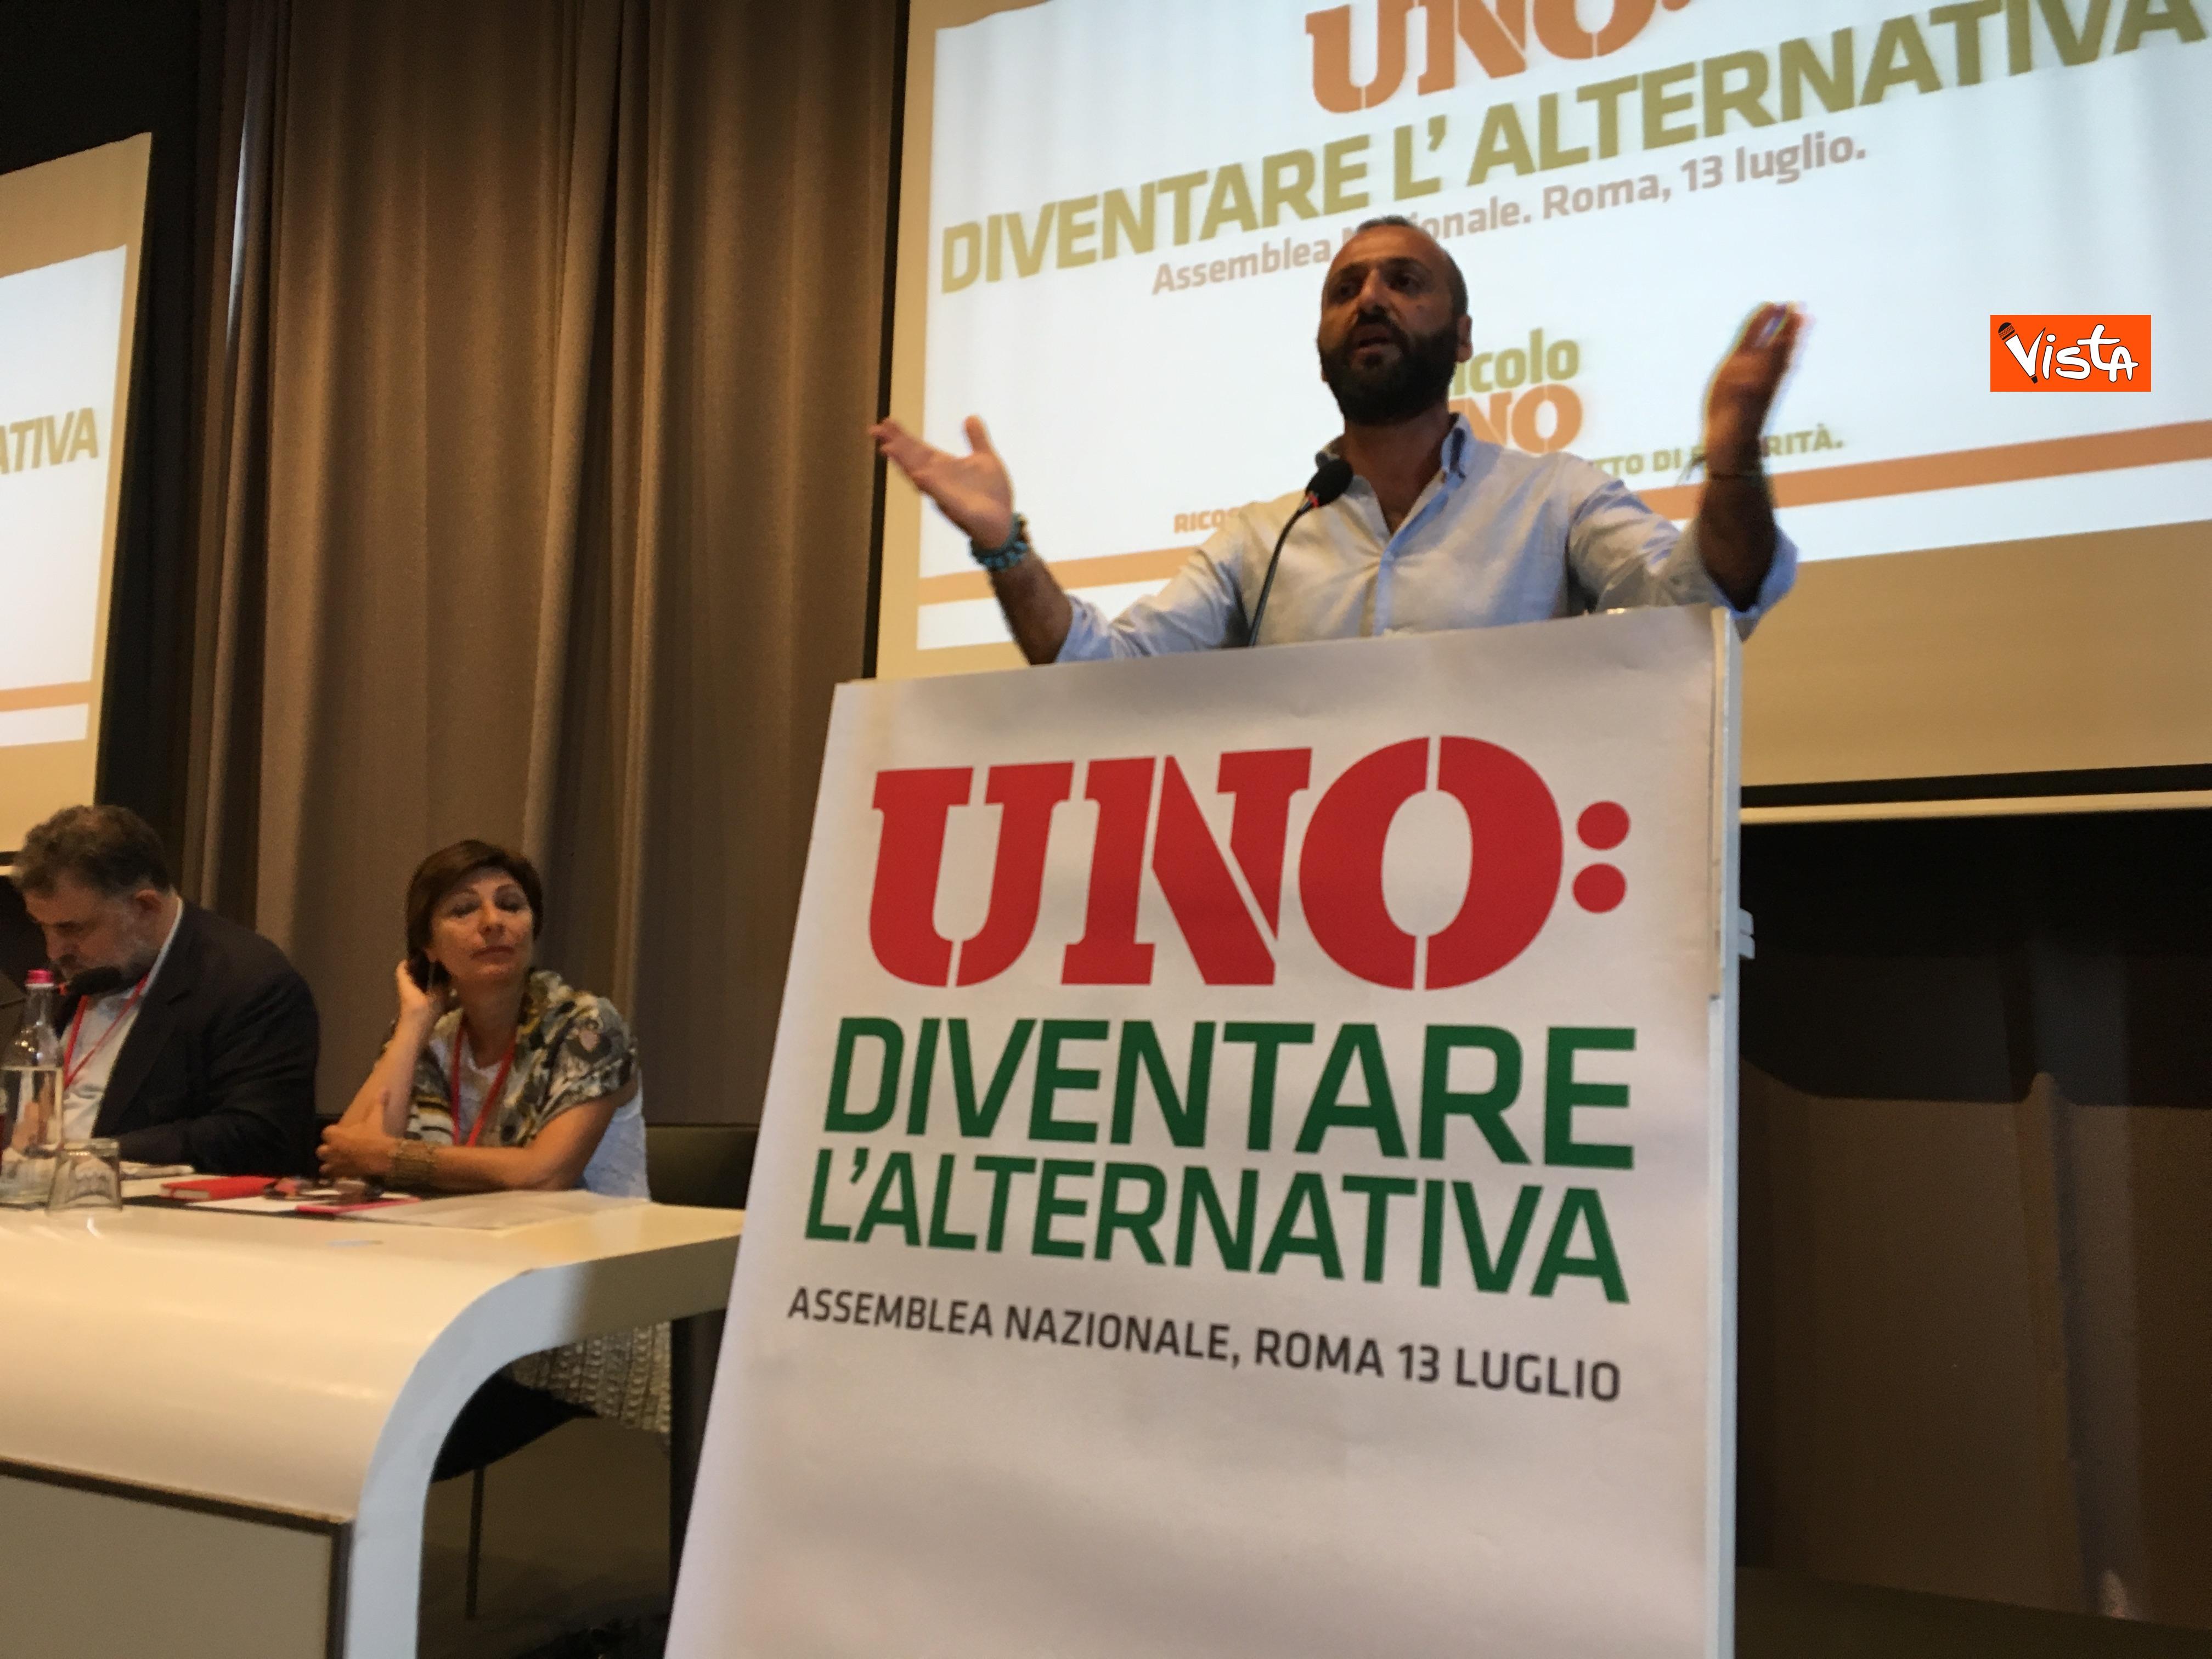 13-07-19 Articolo Uno l Assemblea nazionale a Roma immagini_10